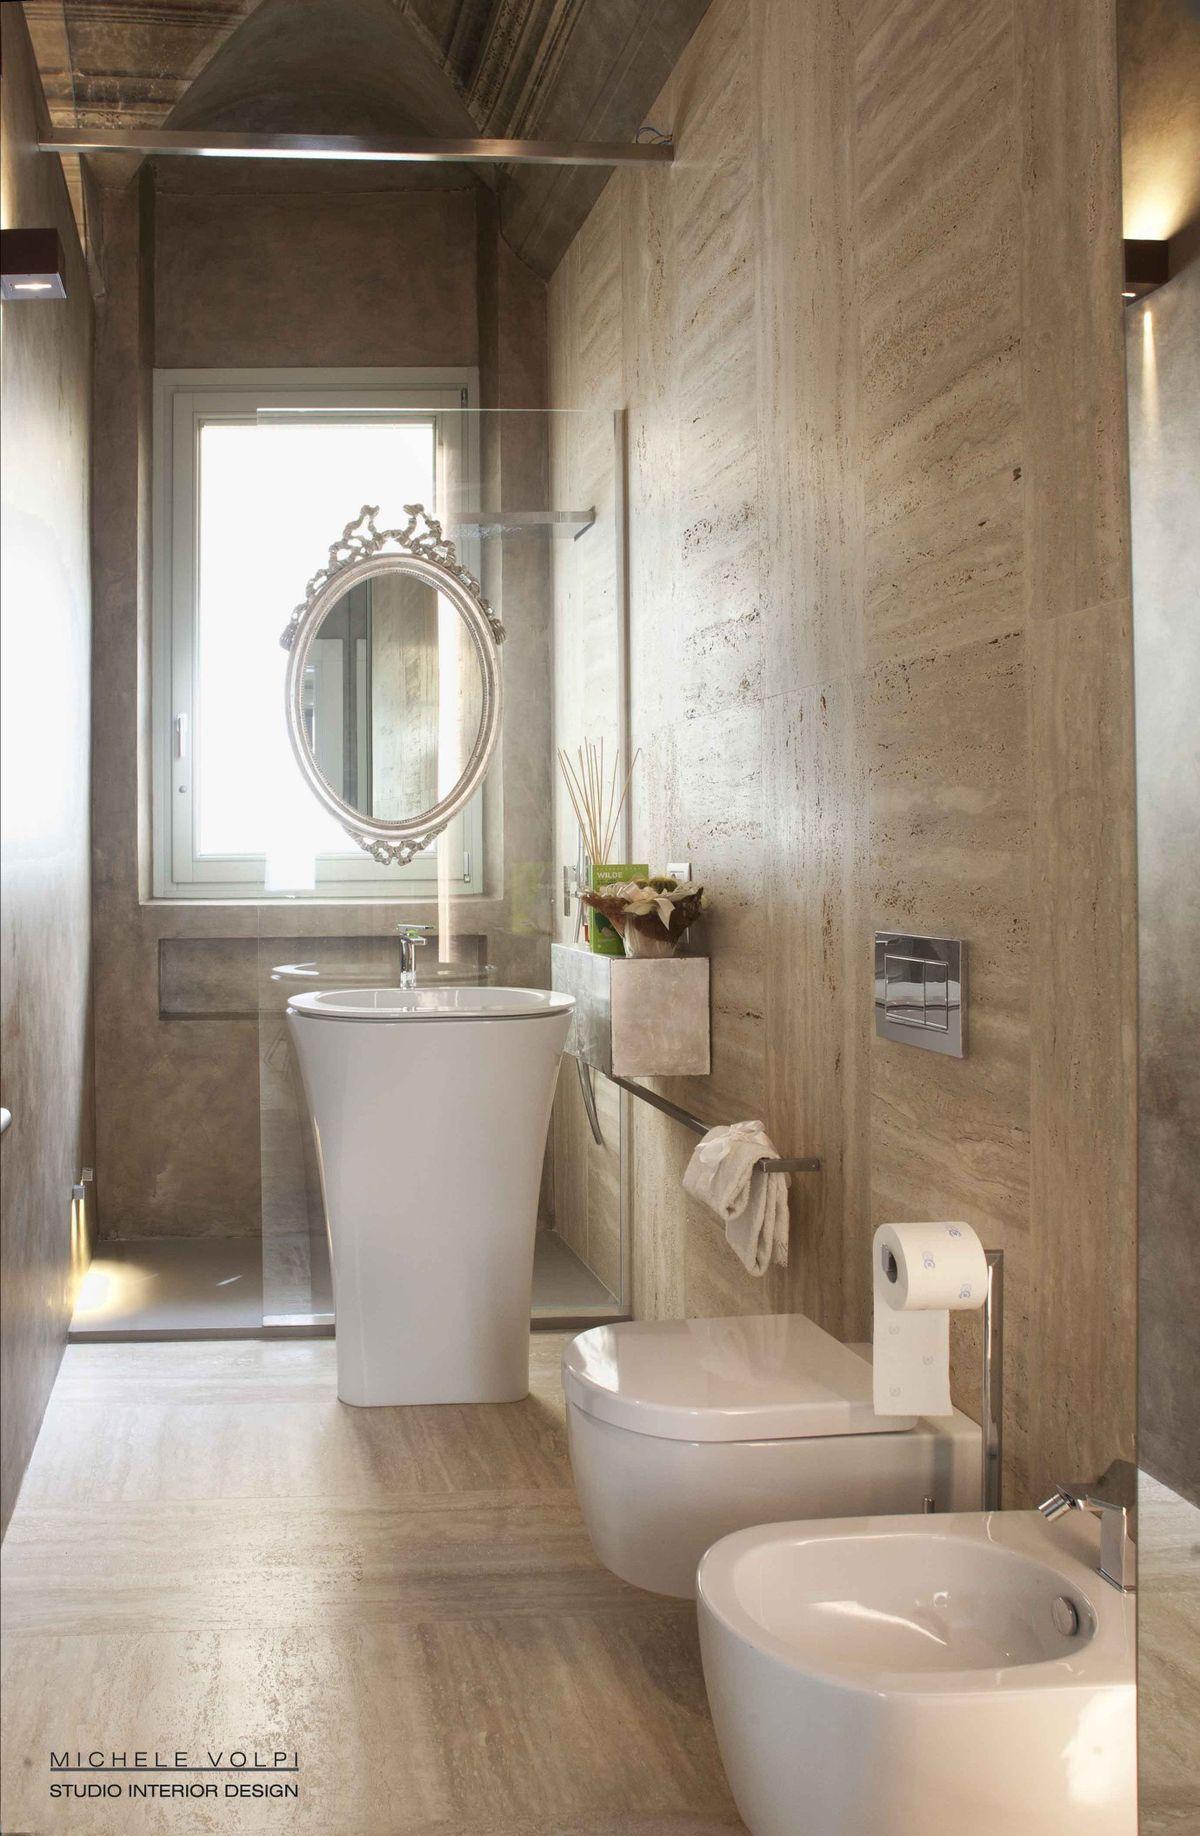 Un bagno in travertino e resina, uno specchio che sembra